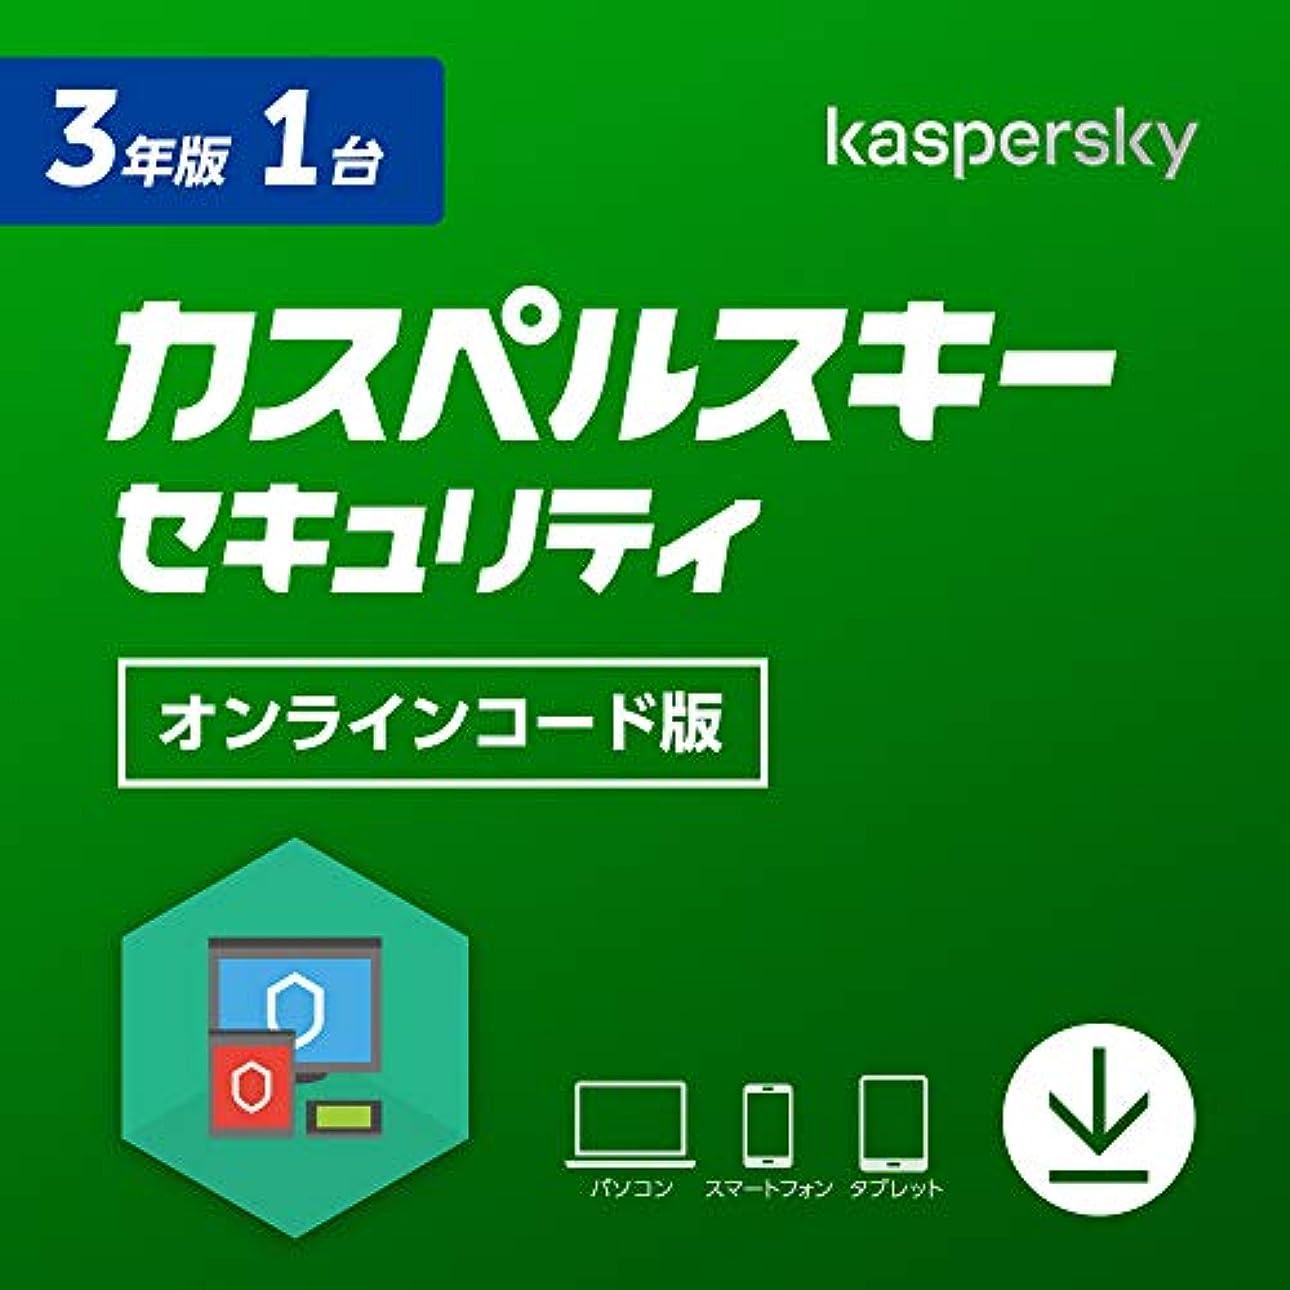 スリップ請う気配りのあるカスペルスキー セキュリティ (最新版) | 3年 1台版 | オンラインコード版 | Windows/Mac/Android対応